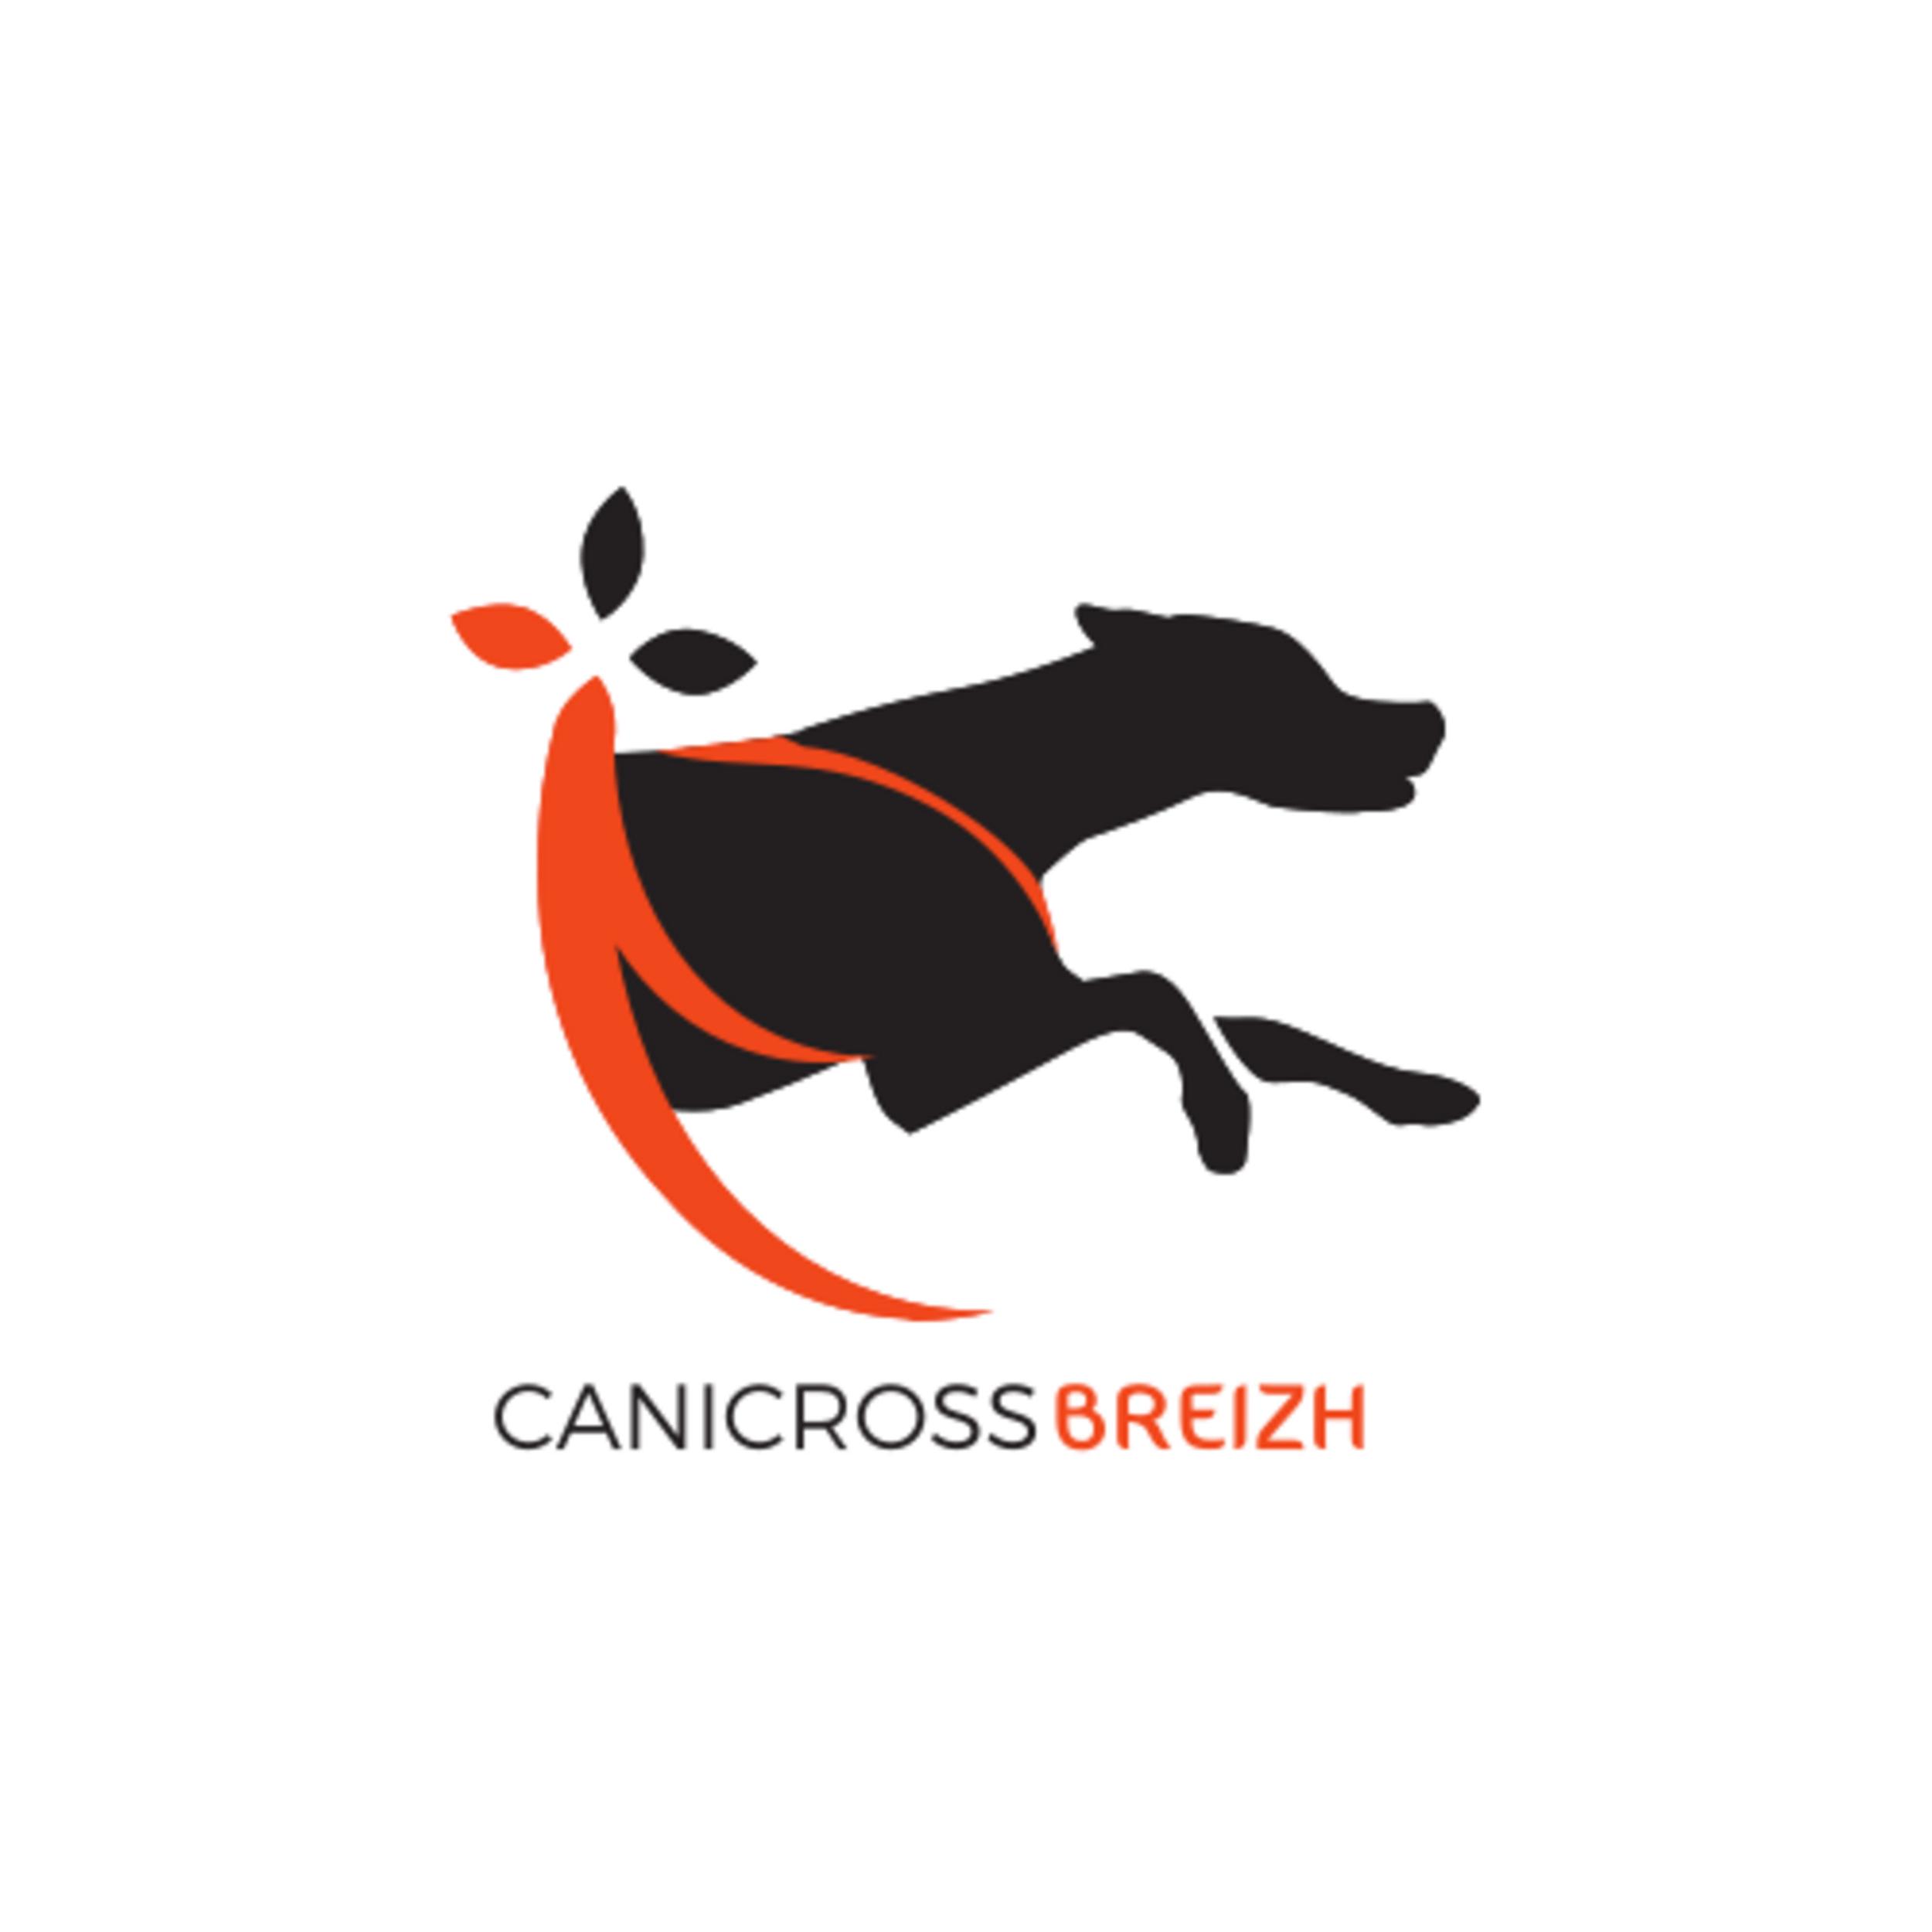 Canicross Breizh